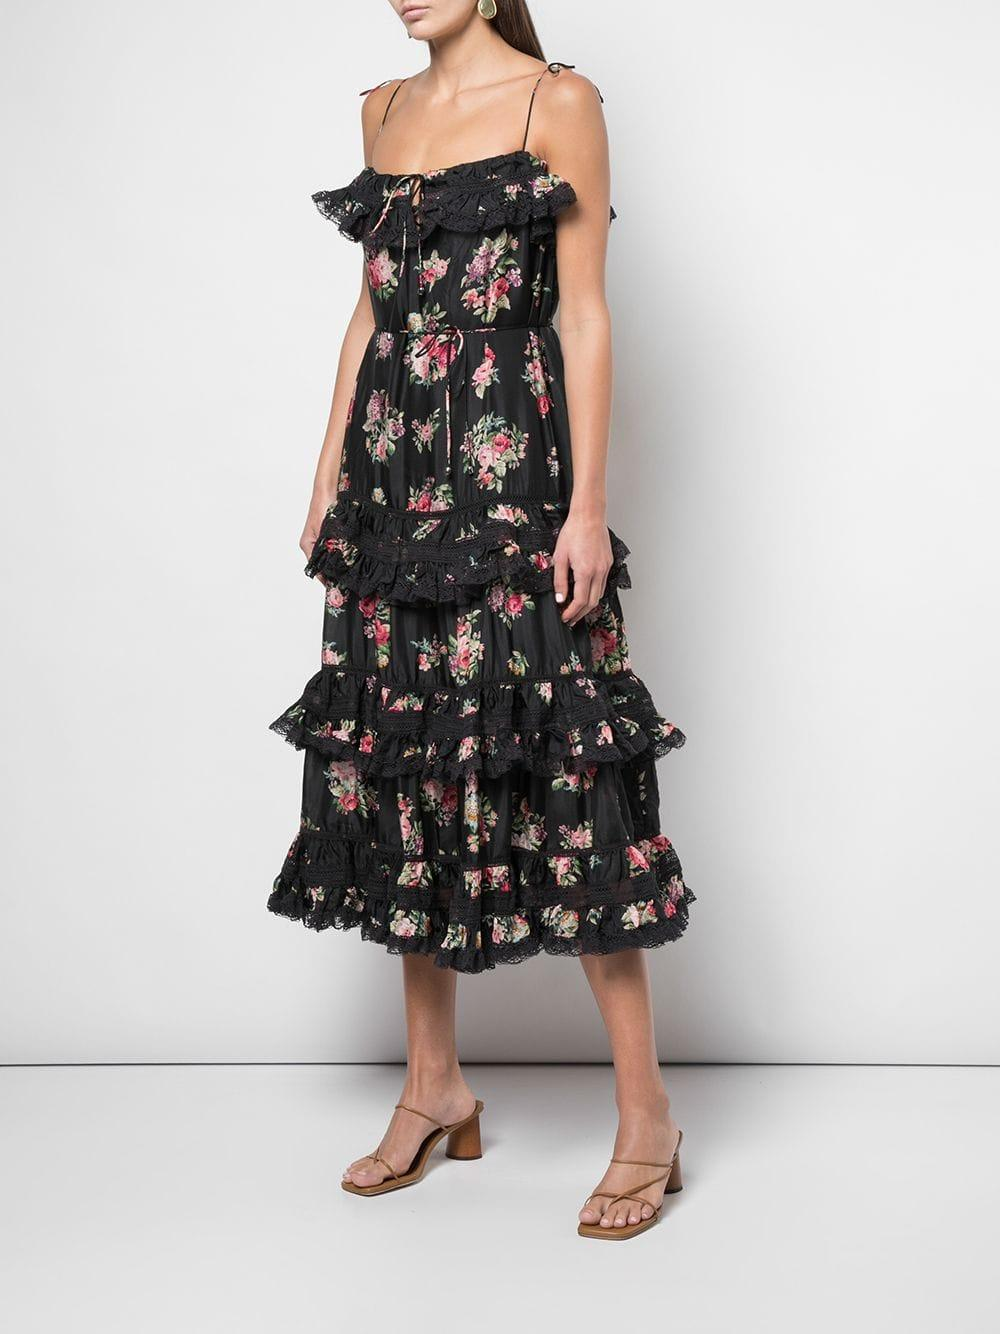 Zimmermann Seide 'Honour' Stufenkleid mit Blumen-Print in Schwarz